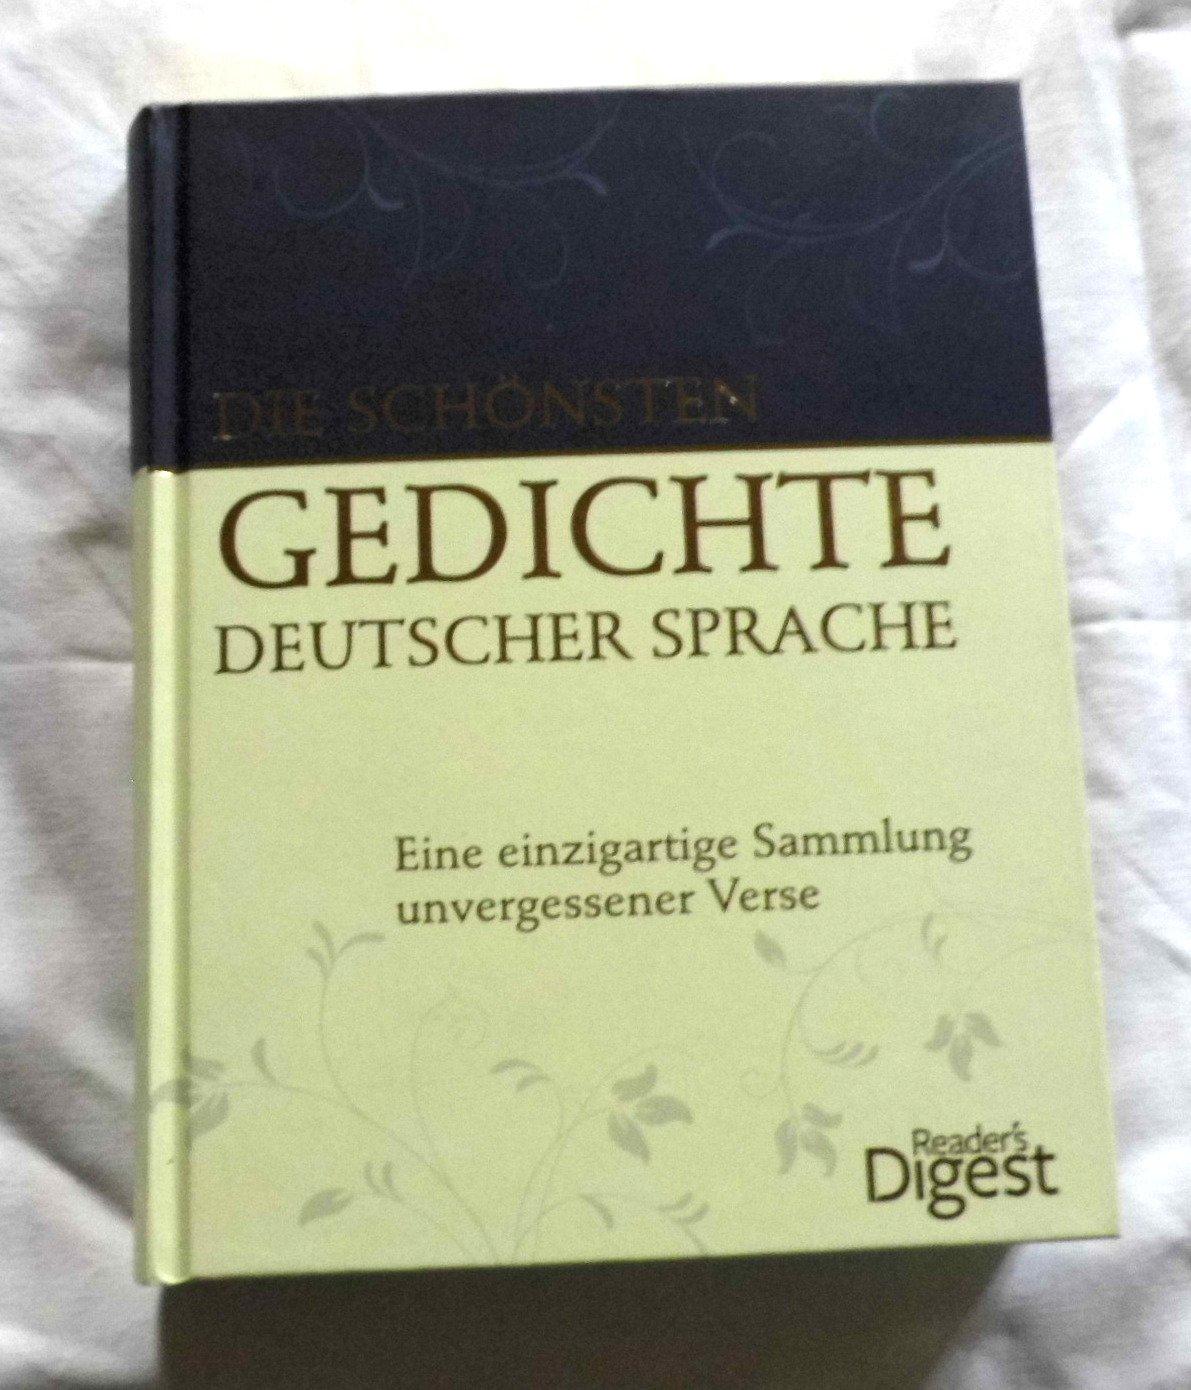 Die Schönsten Gedichte Deutscher Sprache Eine Einzigartige Sammlung Unvergessener Verse